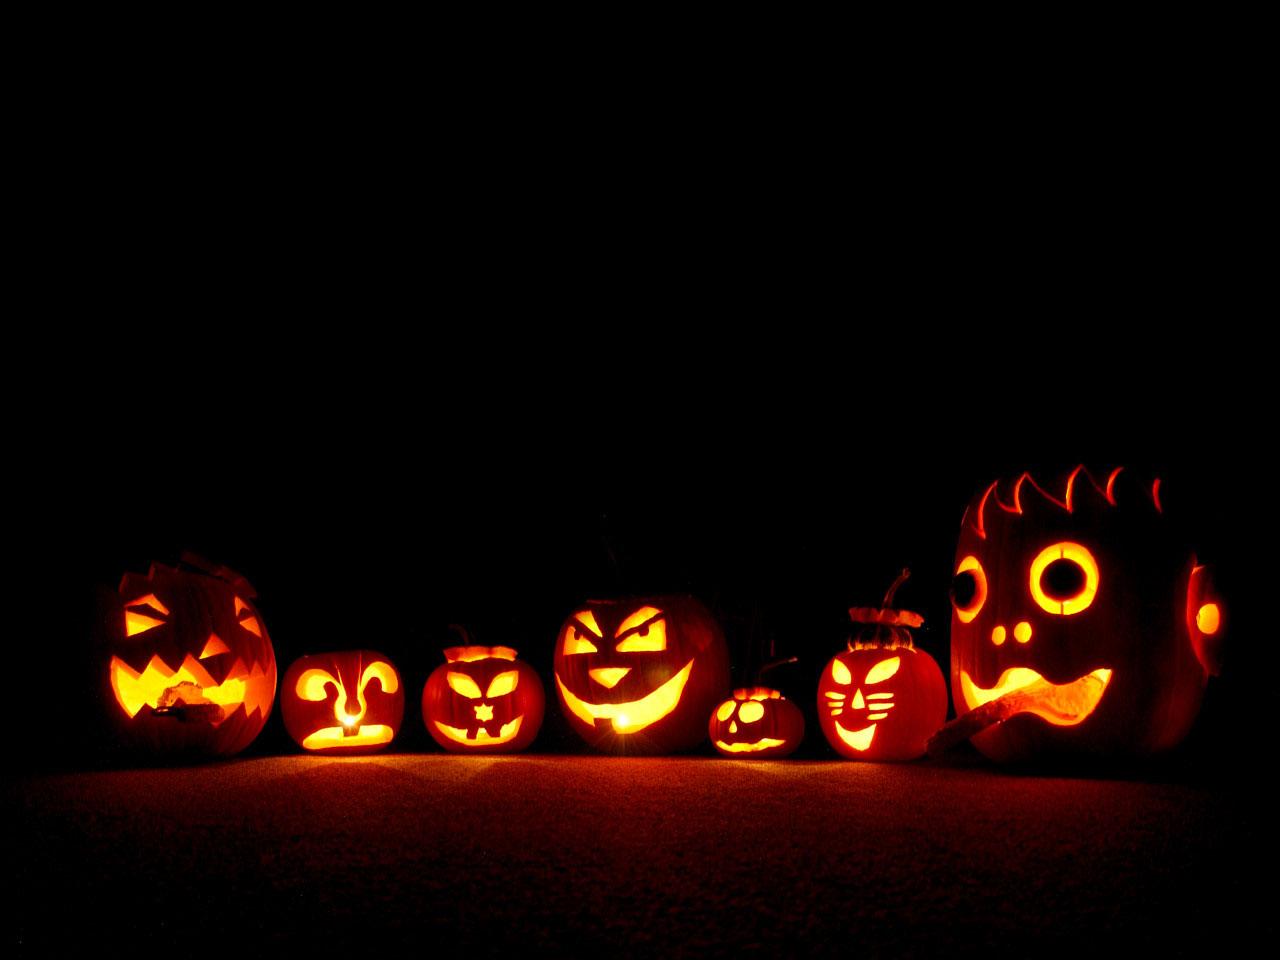 Recursos - Pack de Halloween TC by SirensDreams